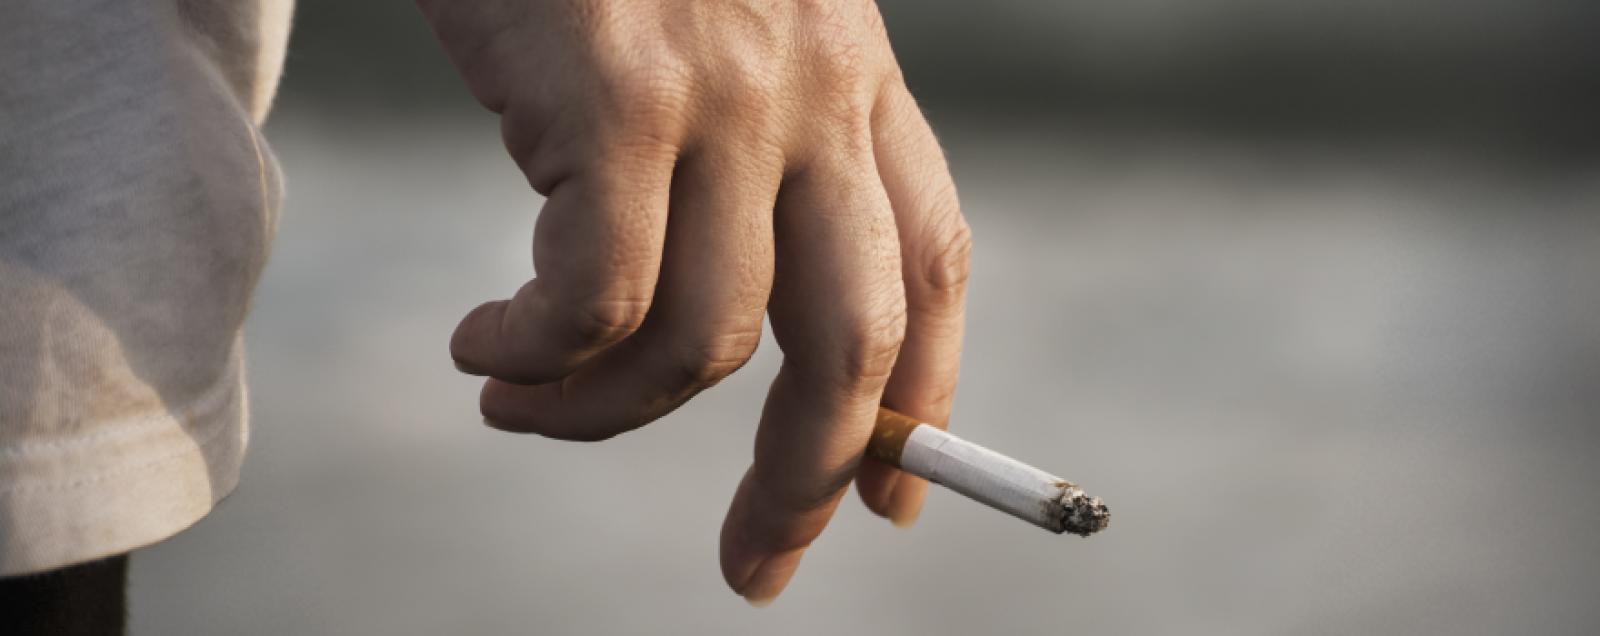 Setmana sense tabac